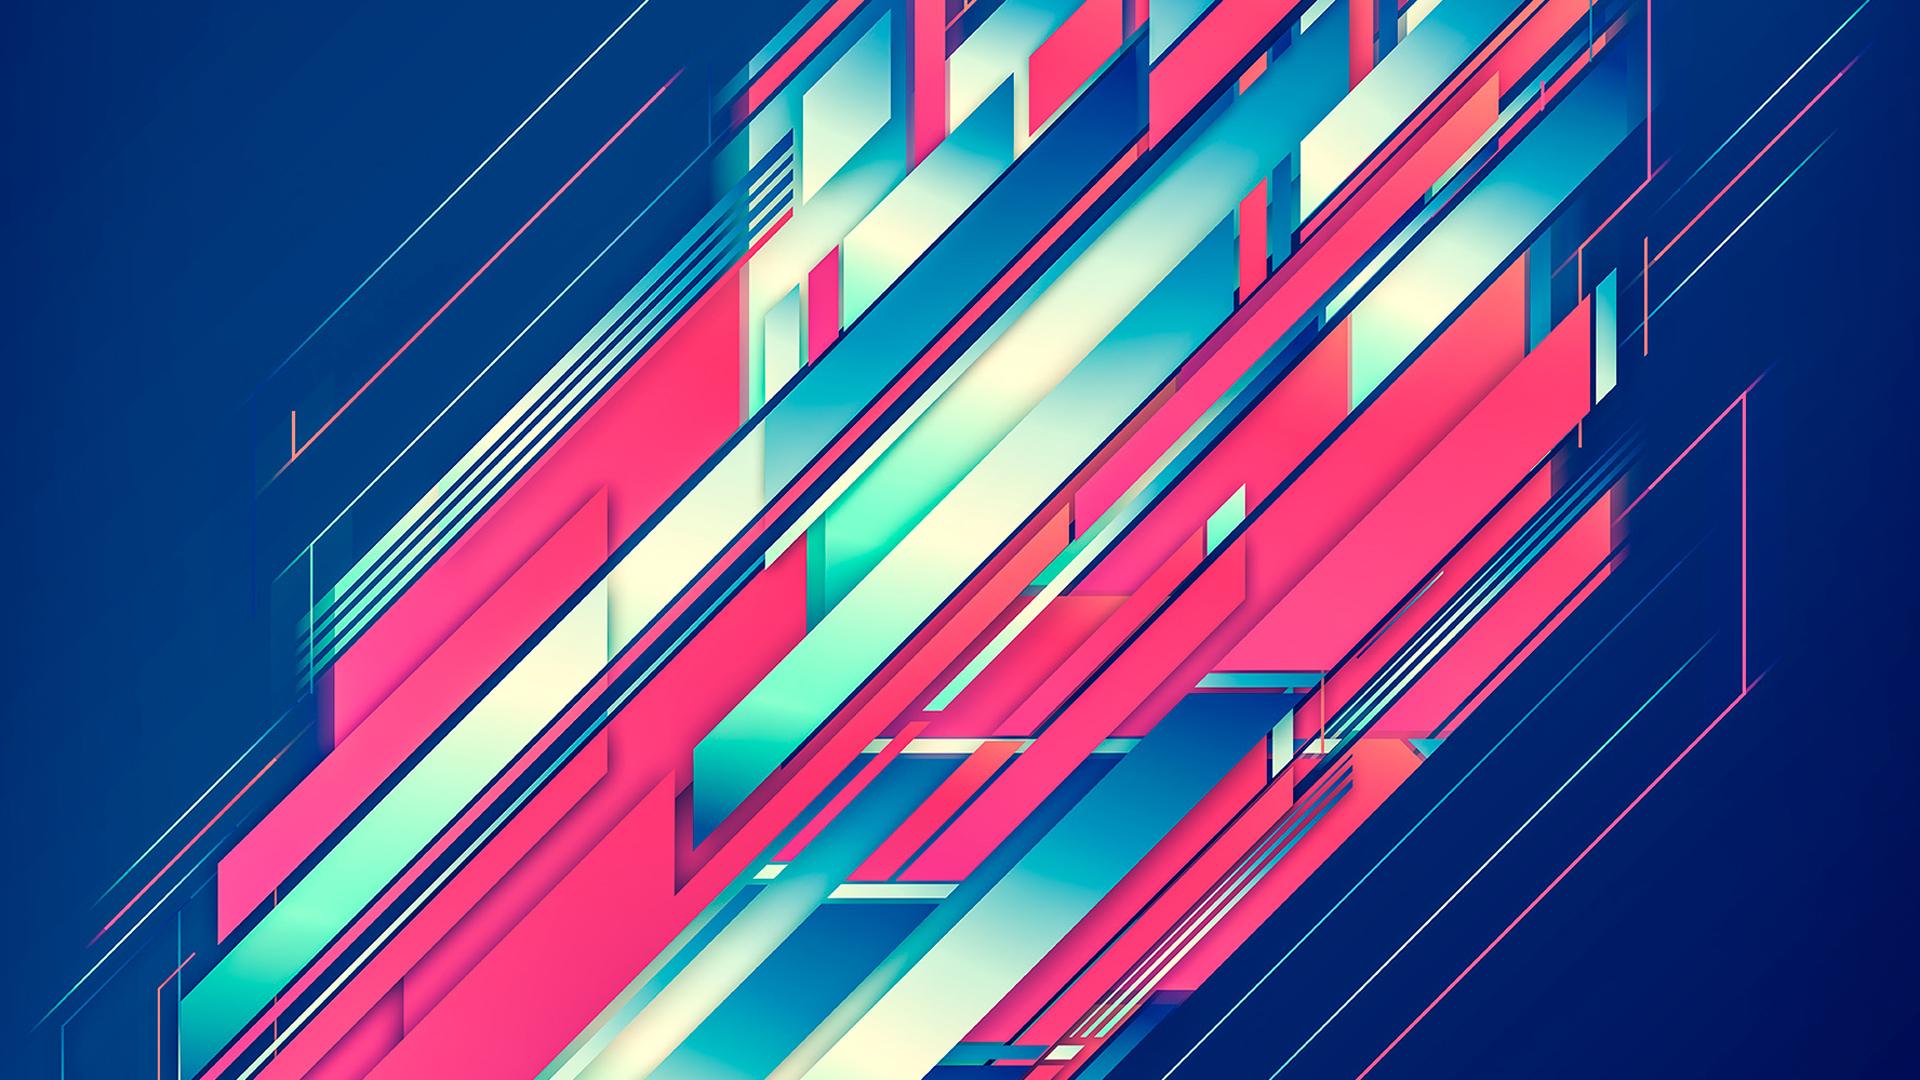 abstract lines diagonal lines digital art